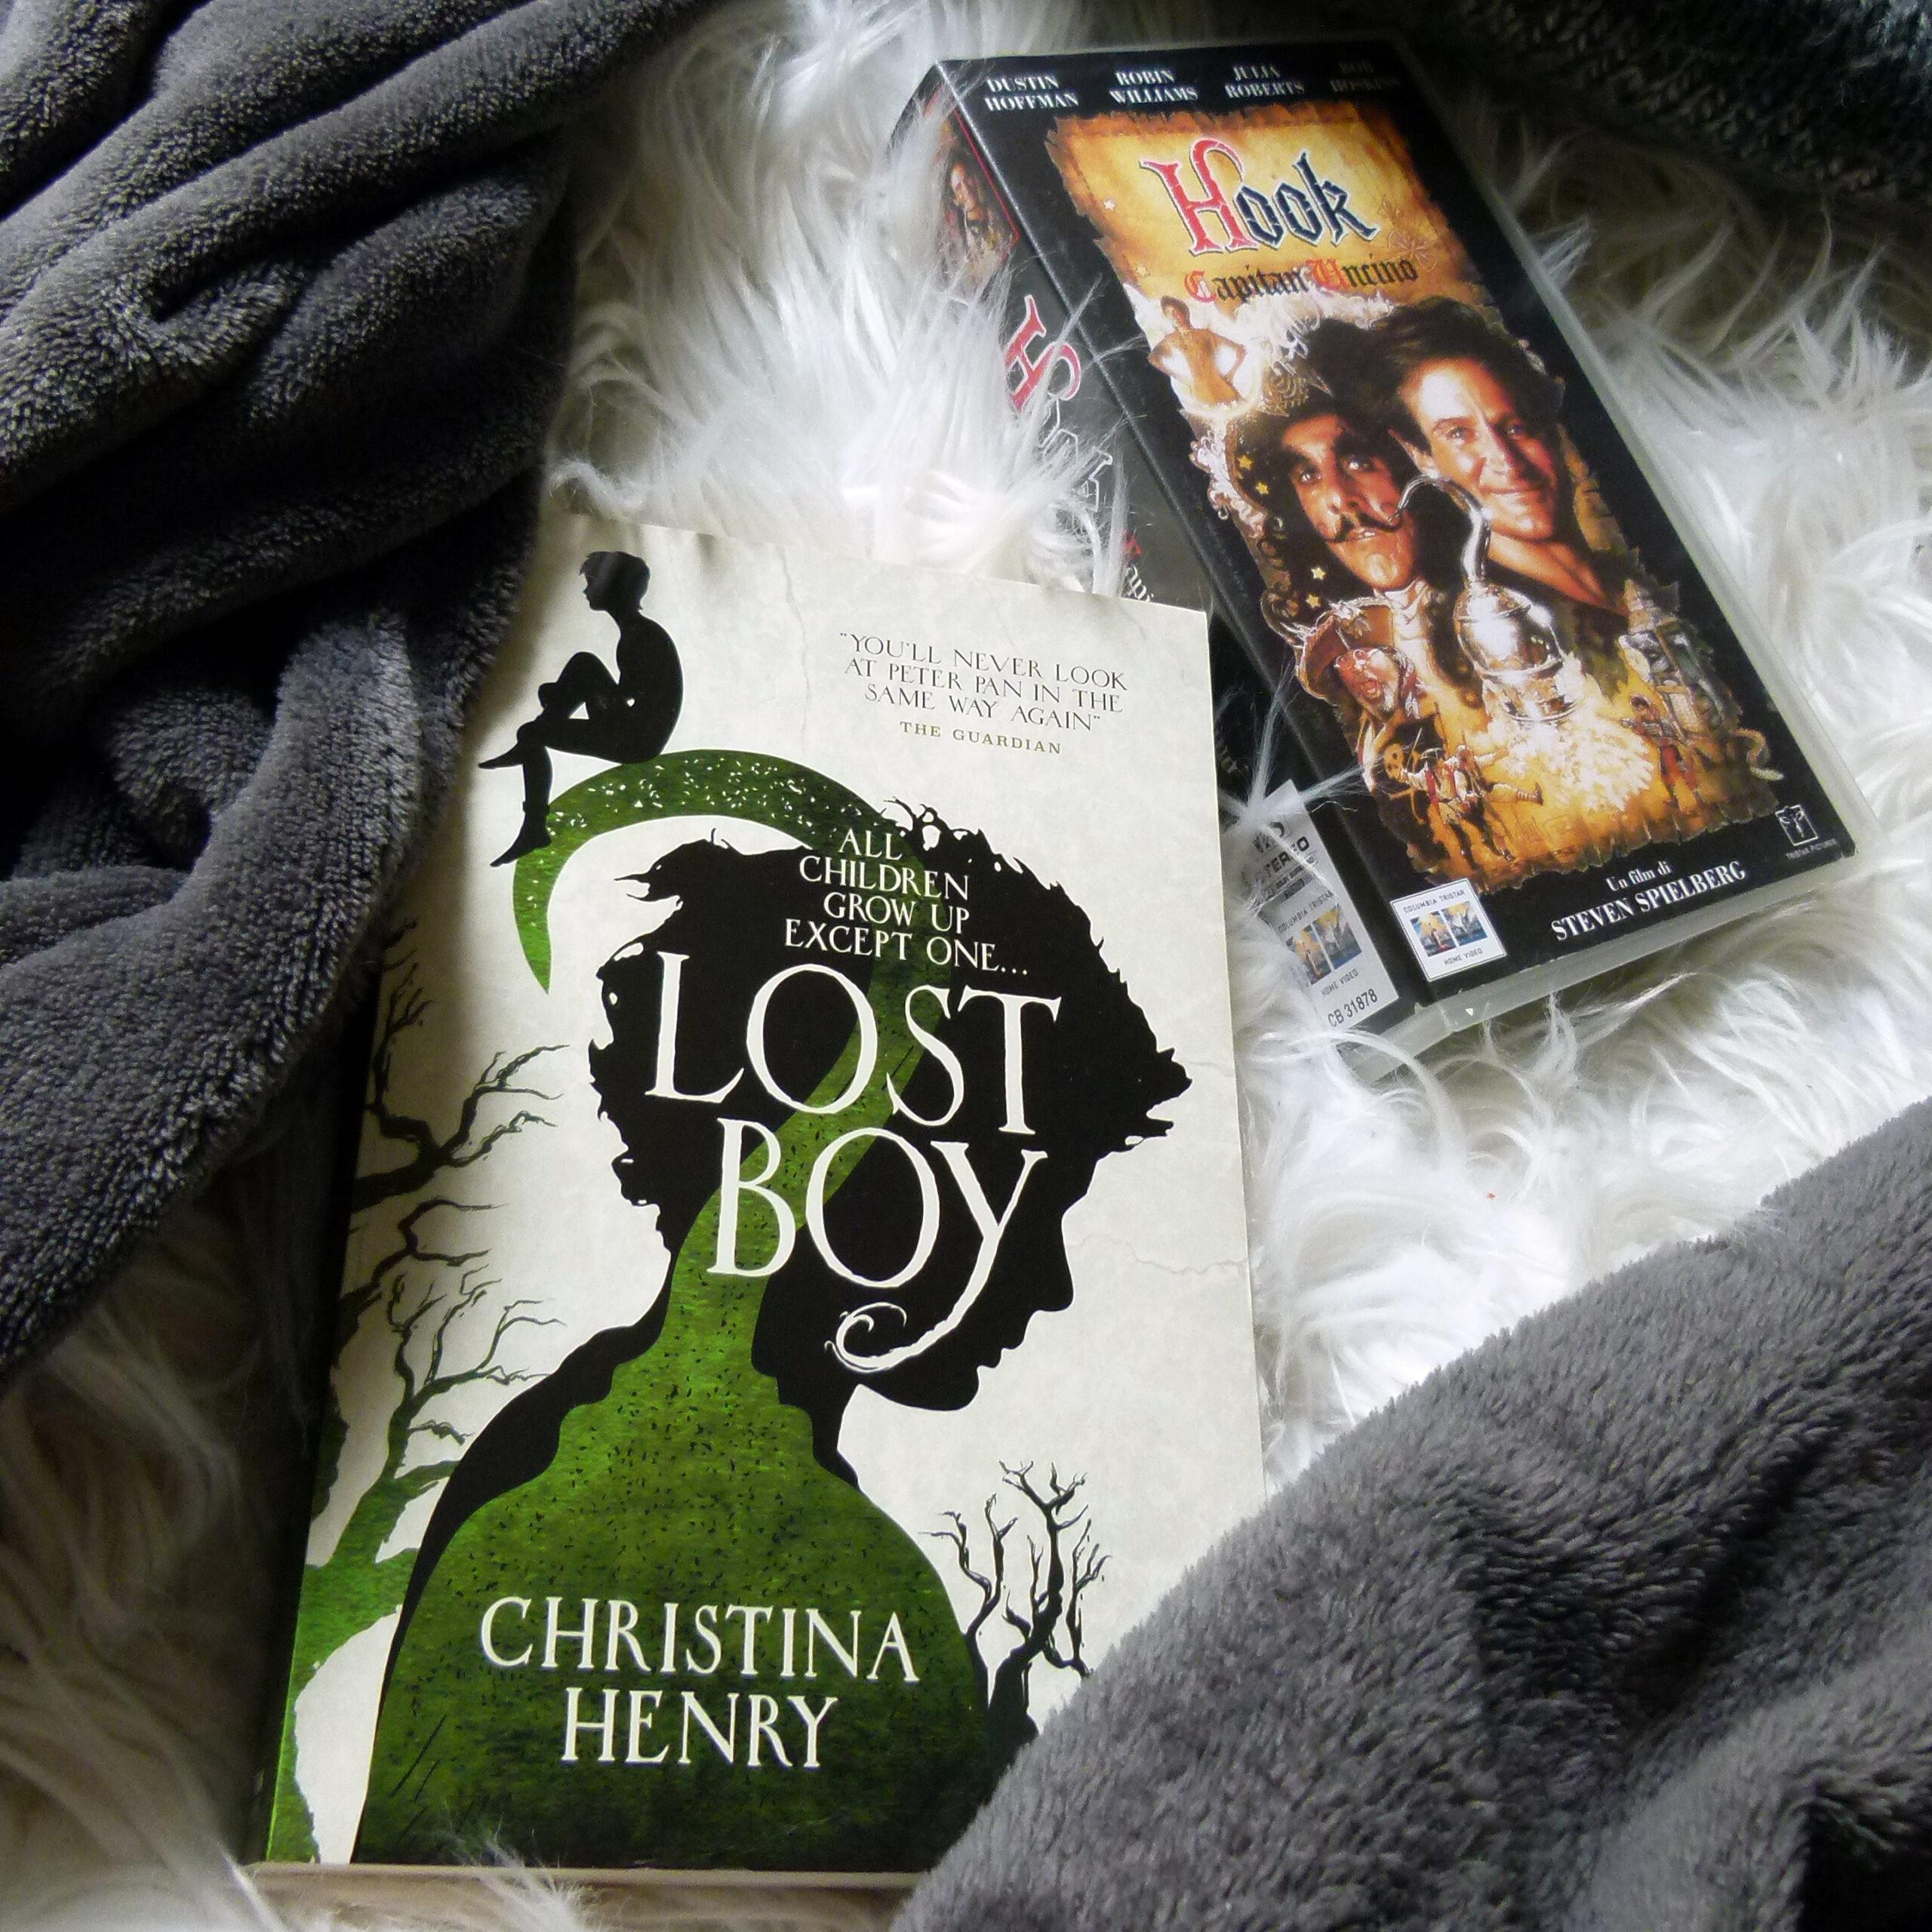 Auf einem weißen Teppich und einer grauen Decke liegt die englische Ausgabe des Buches im Vordergrund. Im Hintergrund sieht man das Cover einer Videokassette des Films